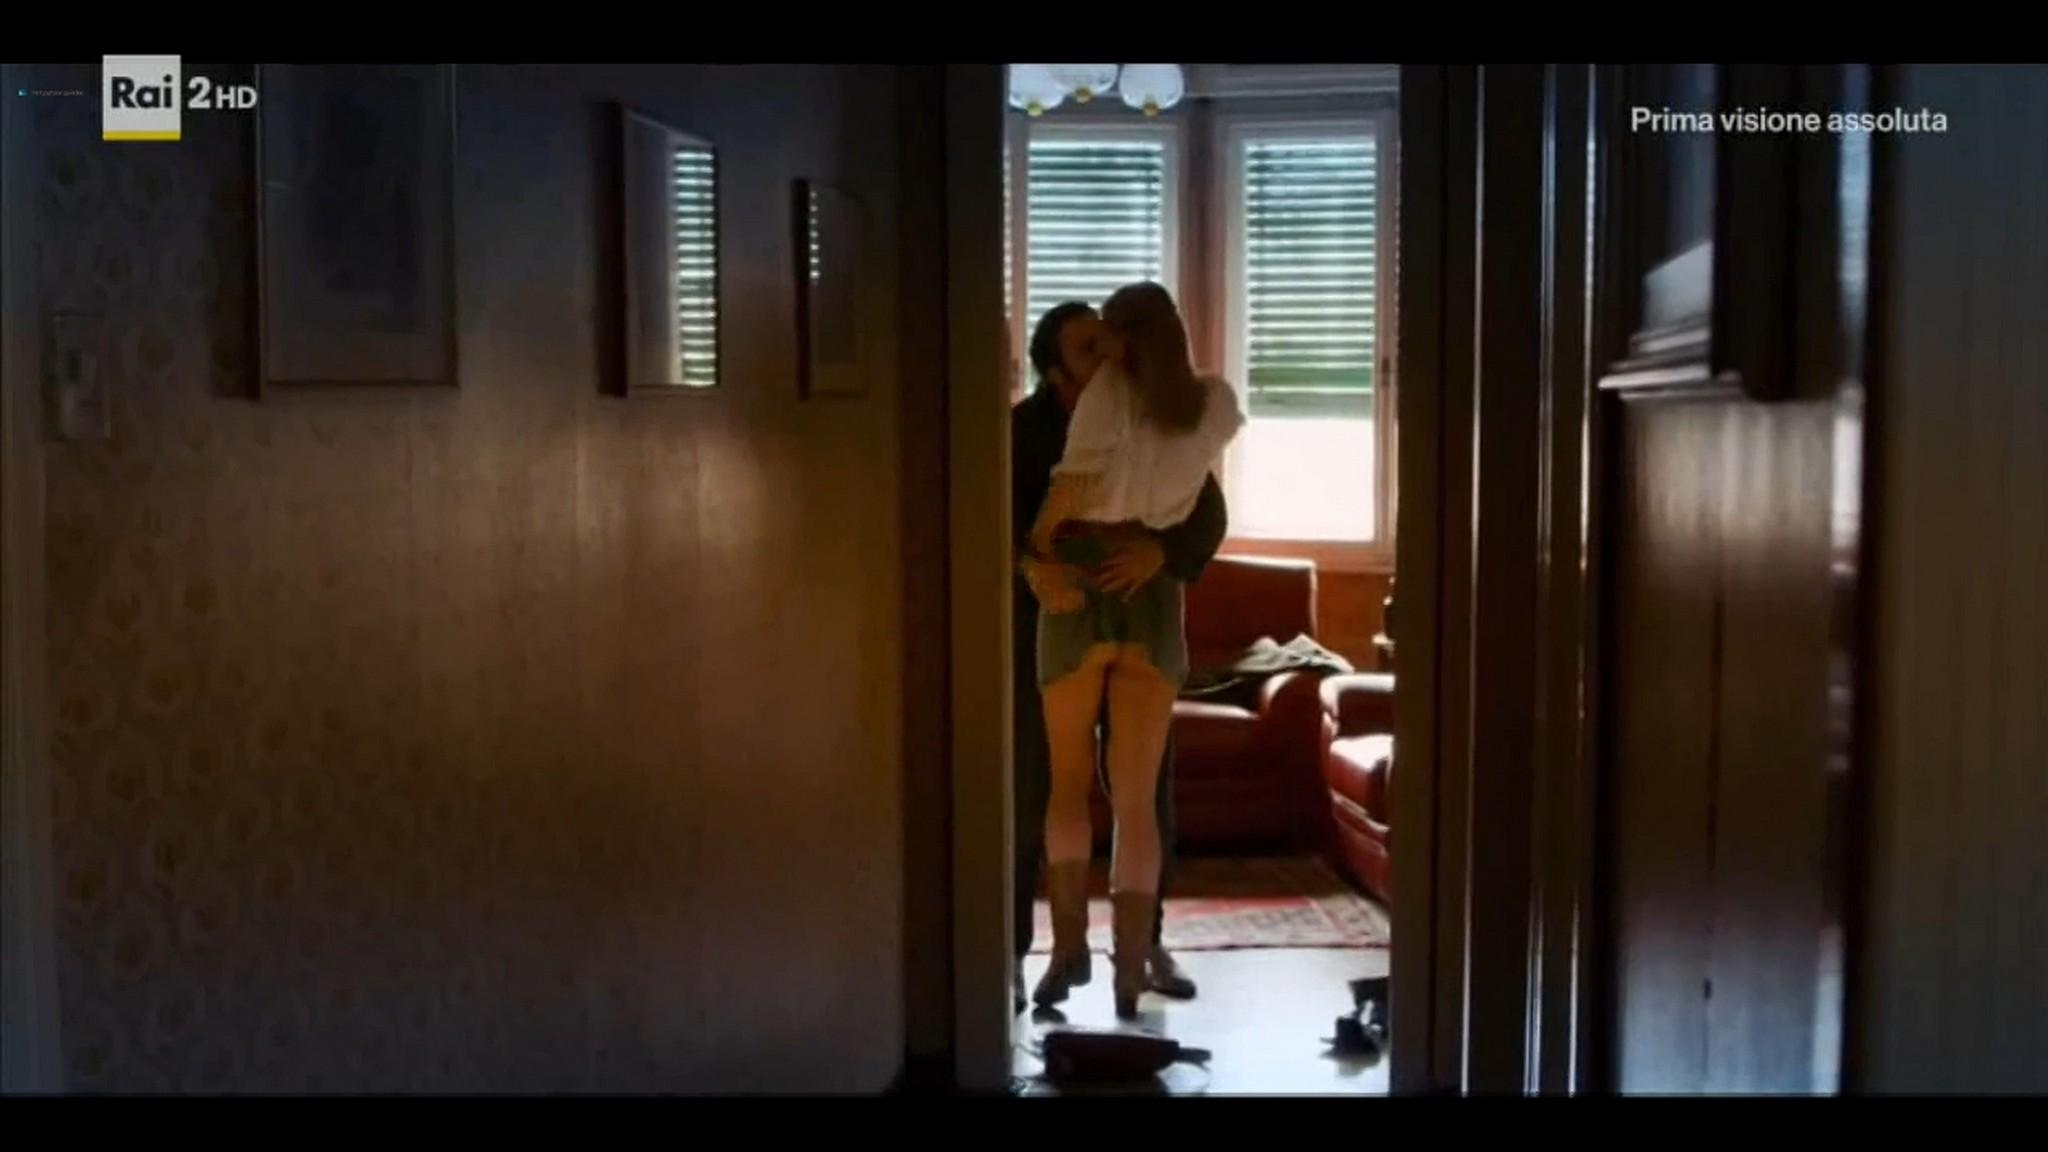 Elena Radonicich nude sex Gabriella Pession nude La Porta Rossa 2019 S2 HD 720p 010